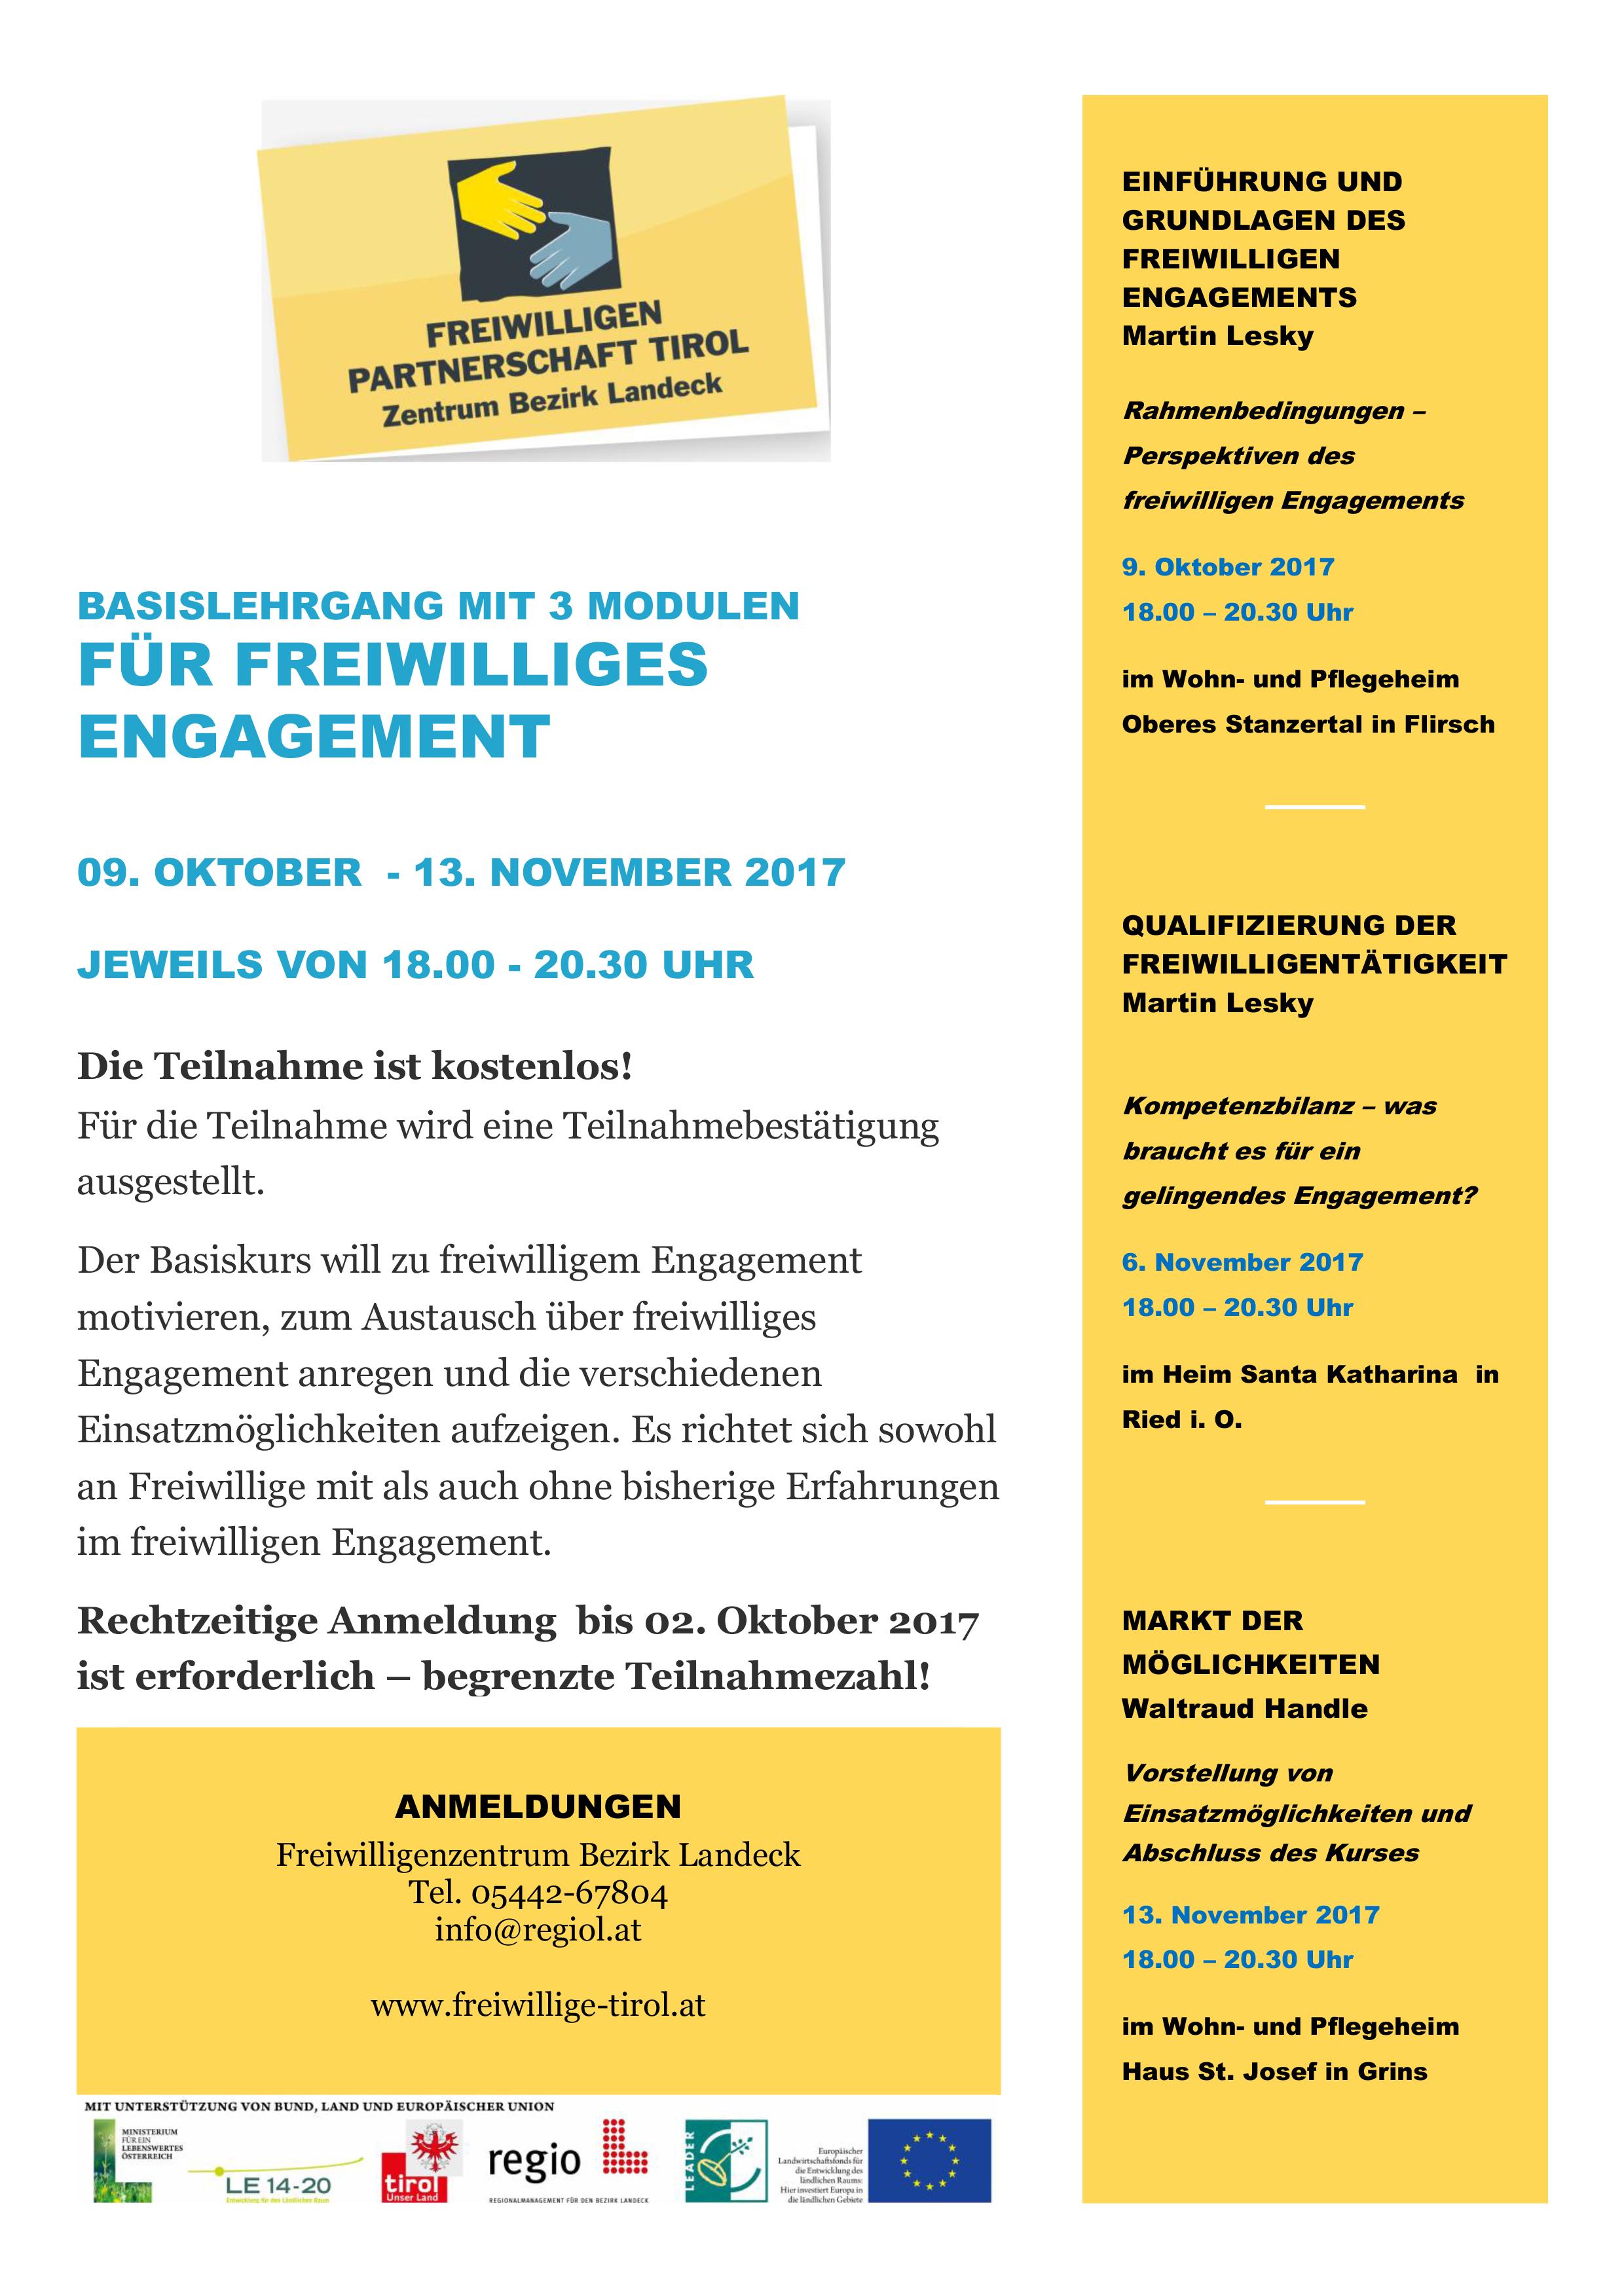 Einladung Basislehrgang für freiwilliges Engagement (Bezirk Landeck)